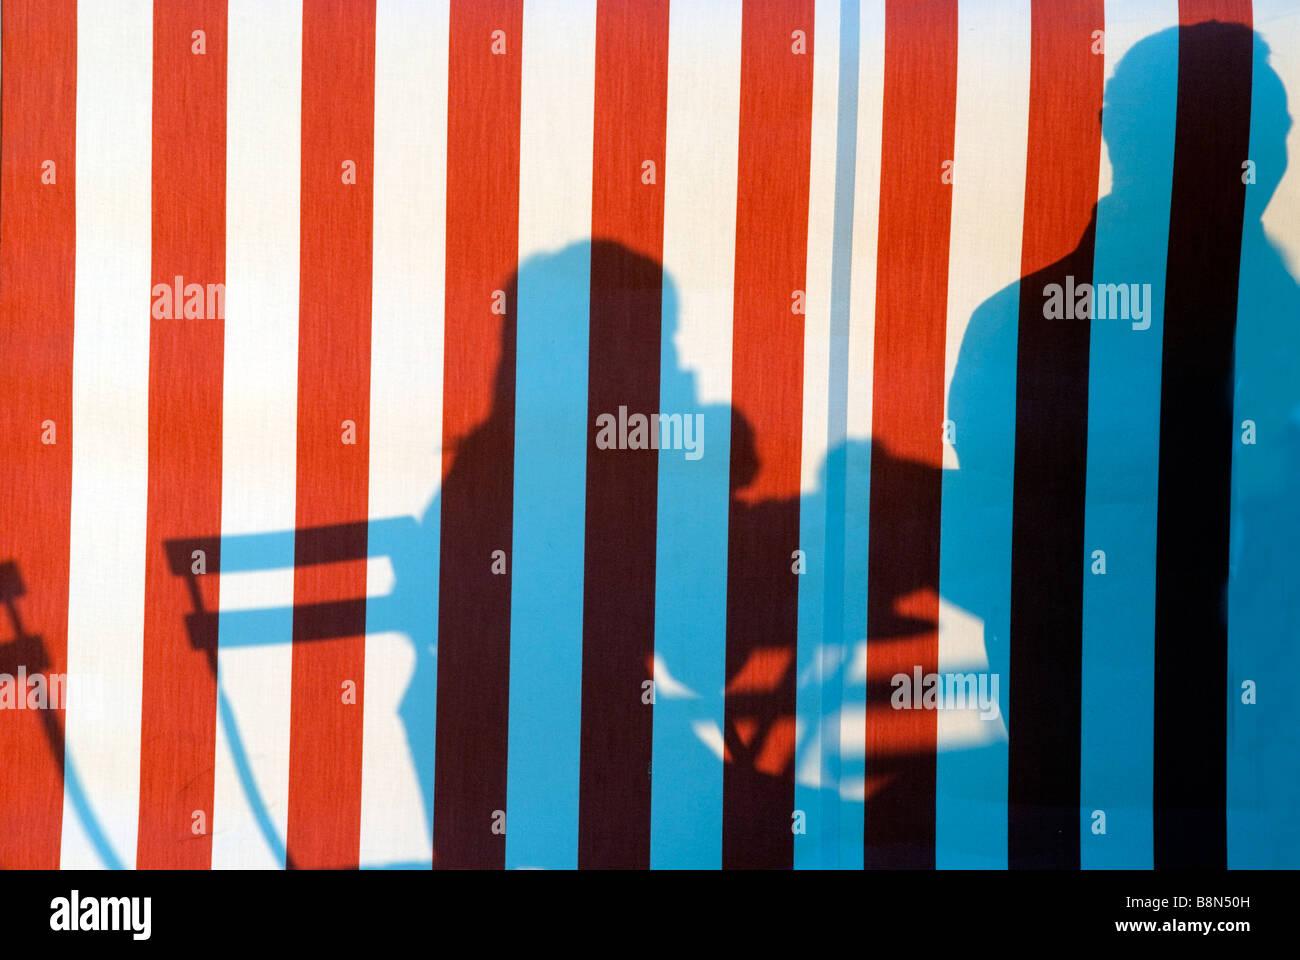 Silhouetten von Menschen im Café auf rot-weiß gestreiften Zelt in Sonne projiziert Stockbild